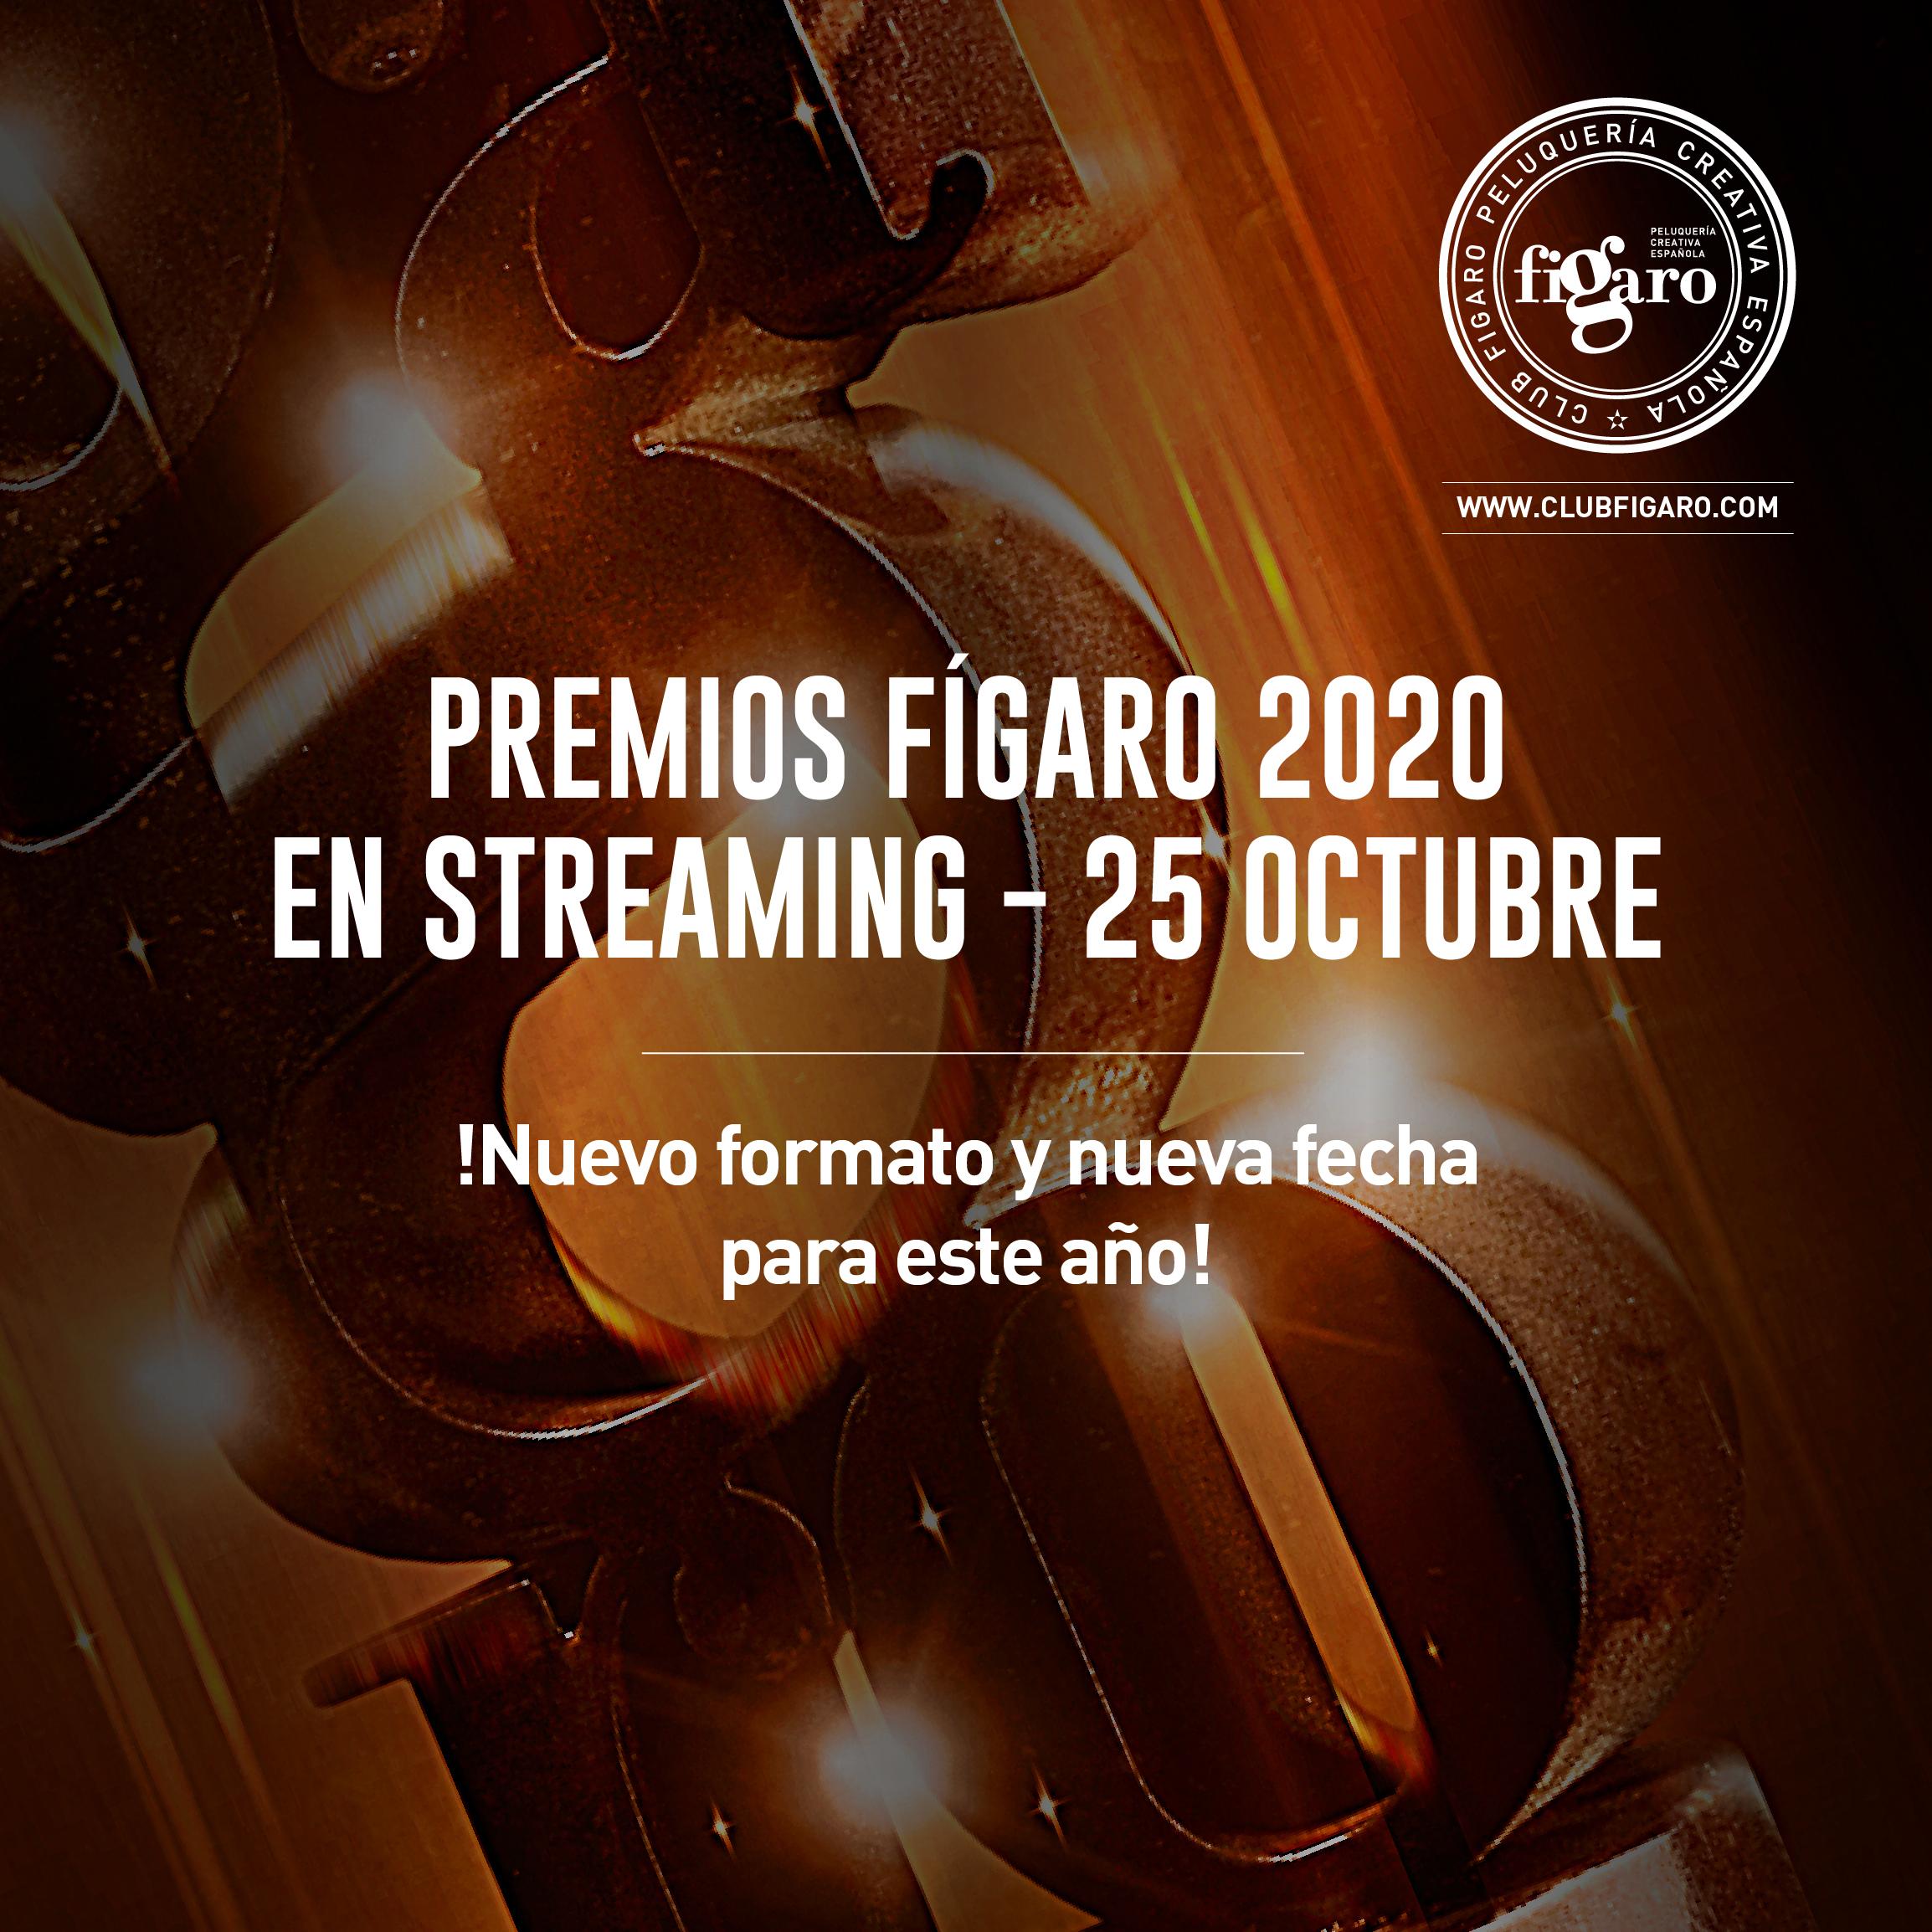 LOS PREMIOS FÍGARO ESTRENAN FORMATO STREAMING Y NUEVA FECHA